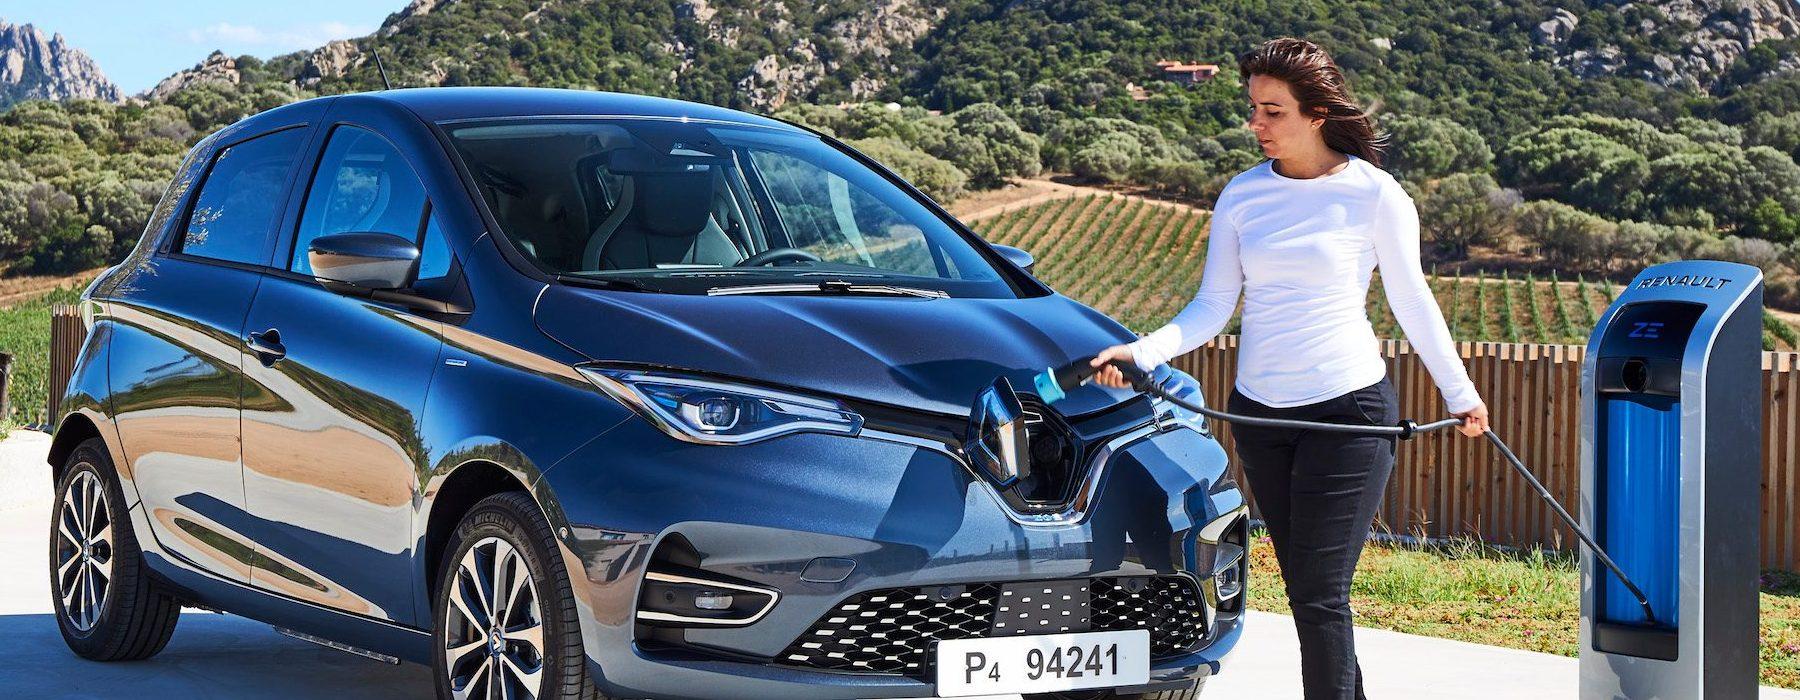 Las baterías de los coches eléctricos pueden servir de ayuda en las granjas solares